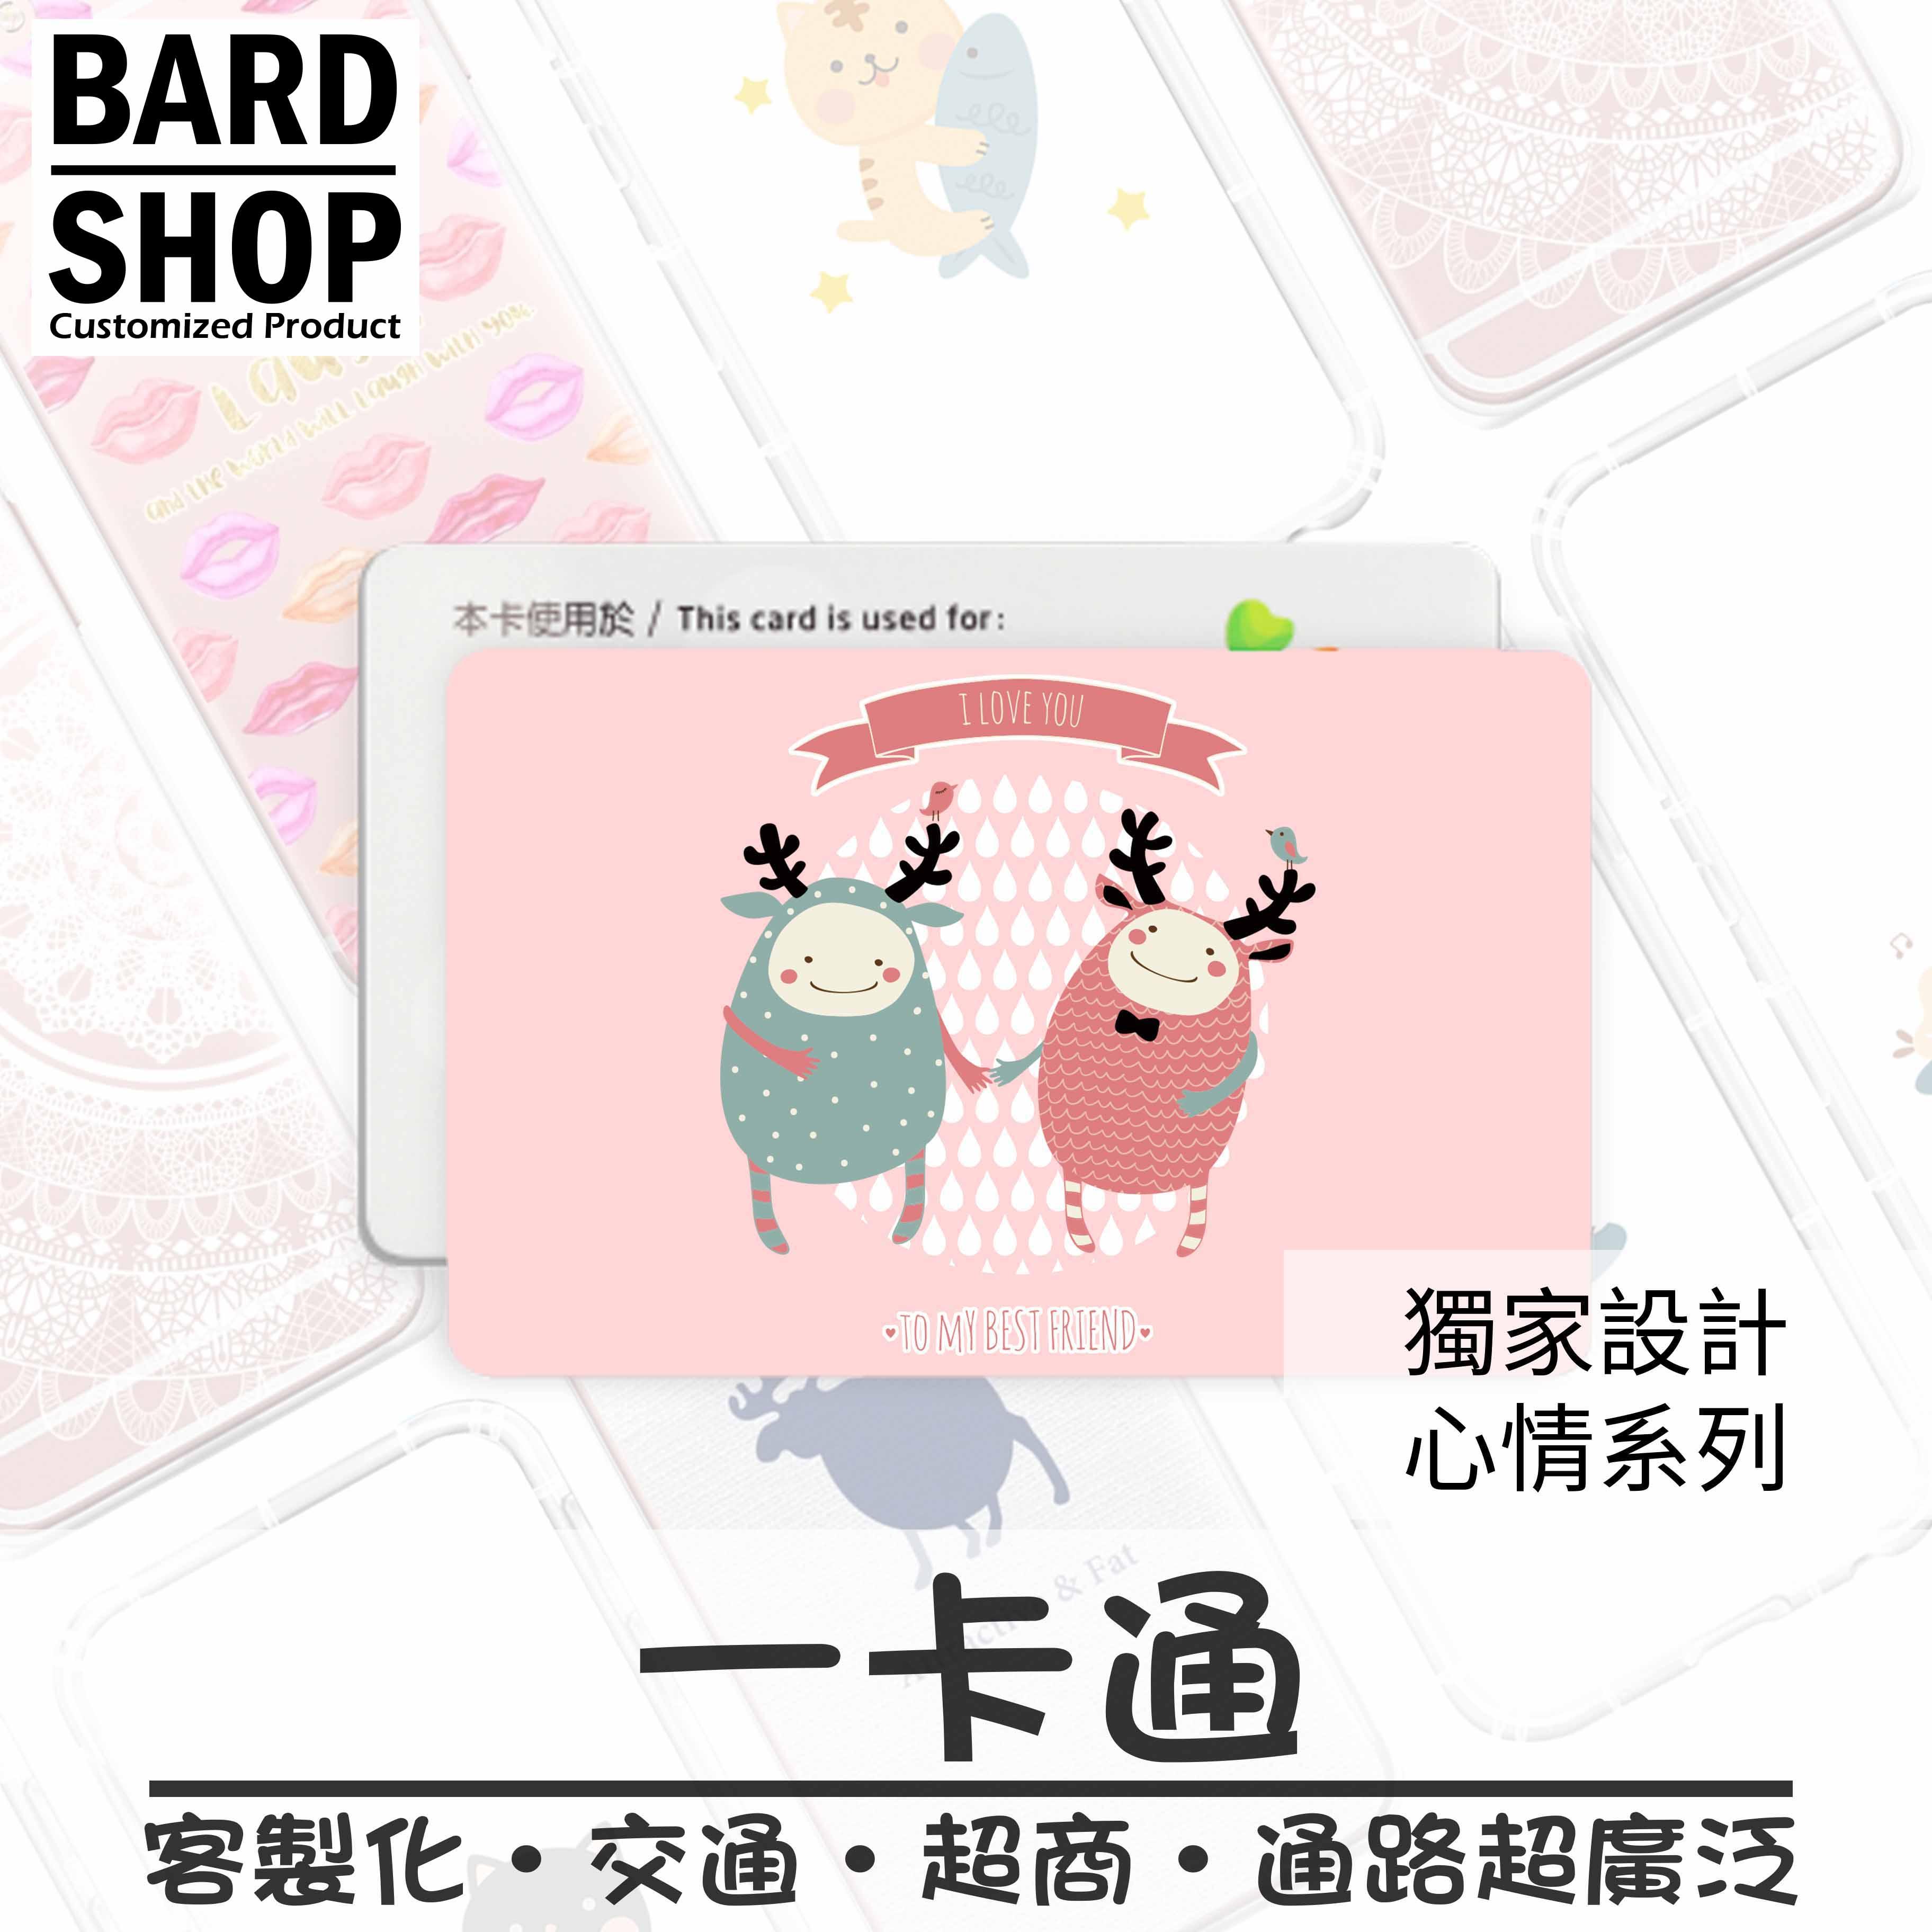 【客製圖案】BardShop客製化交通卡-一卡通/悠遊卡/送禮/自用/生日/訂做 0